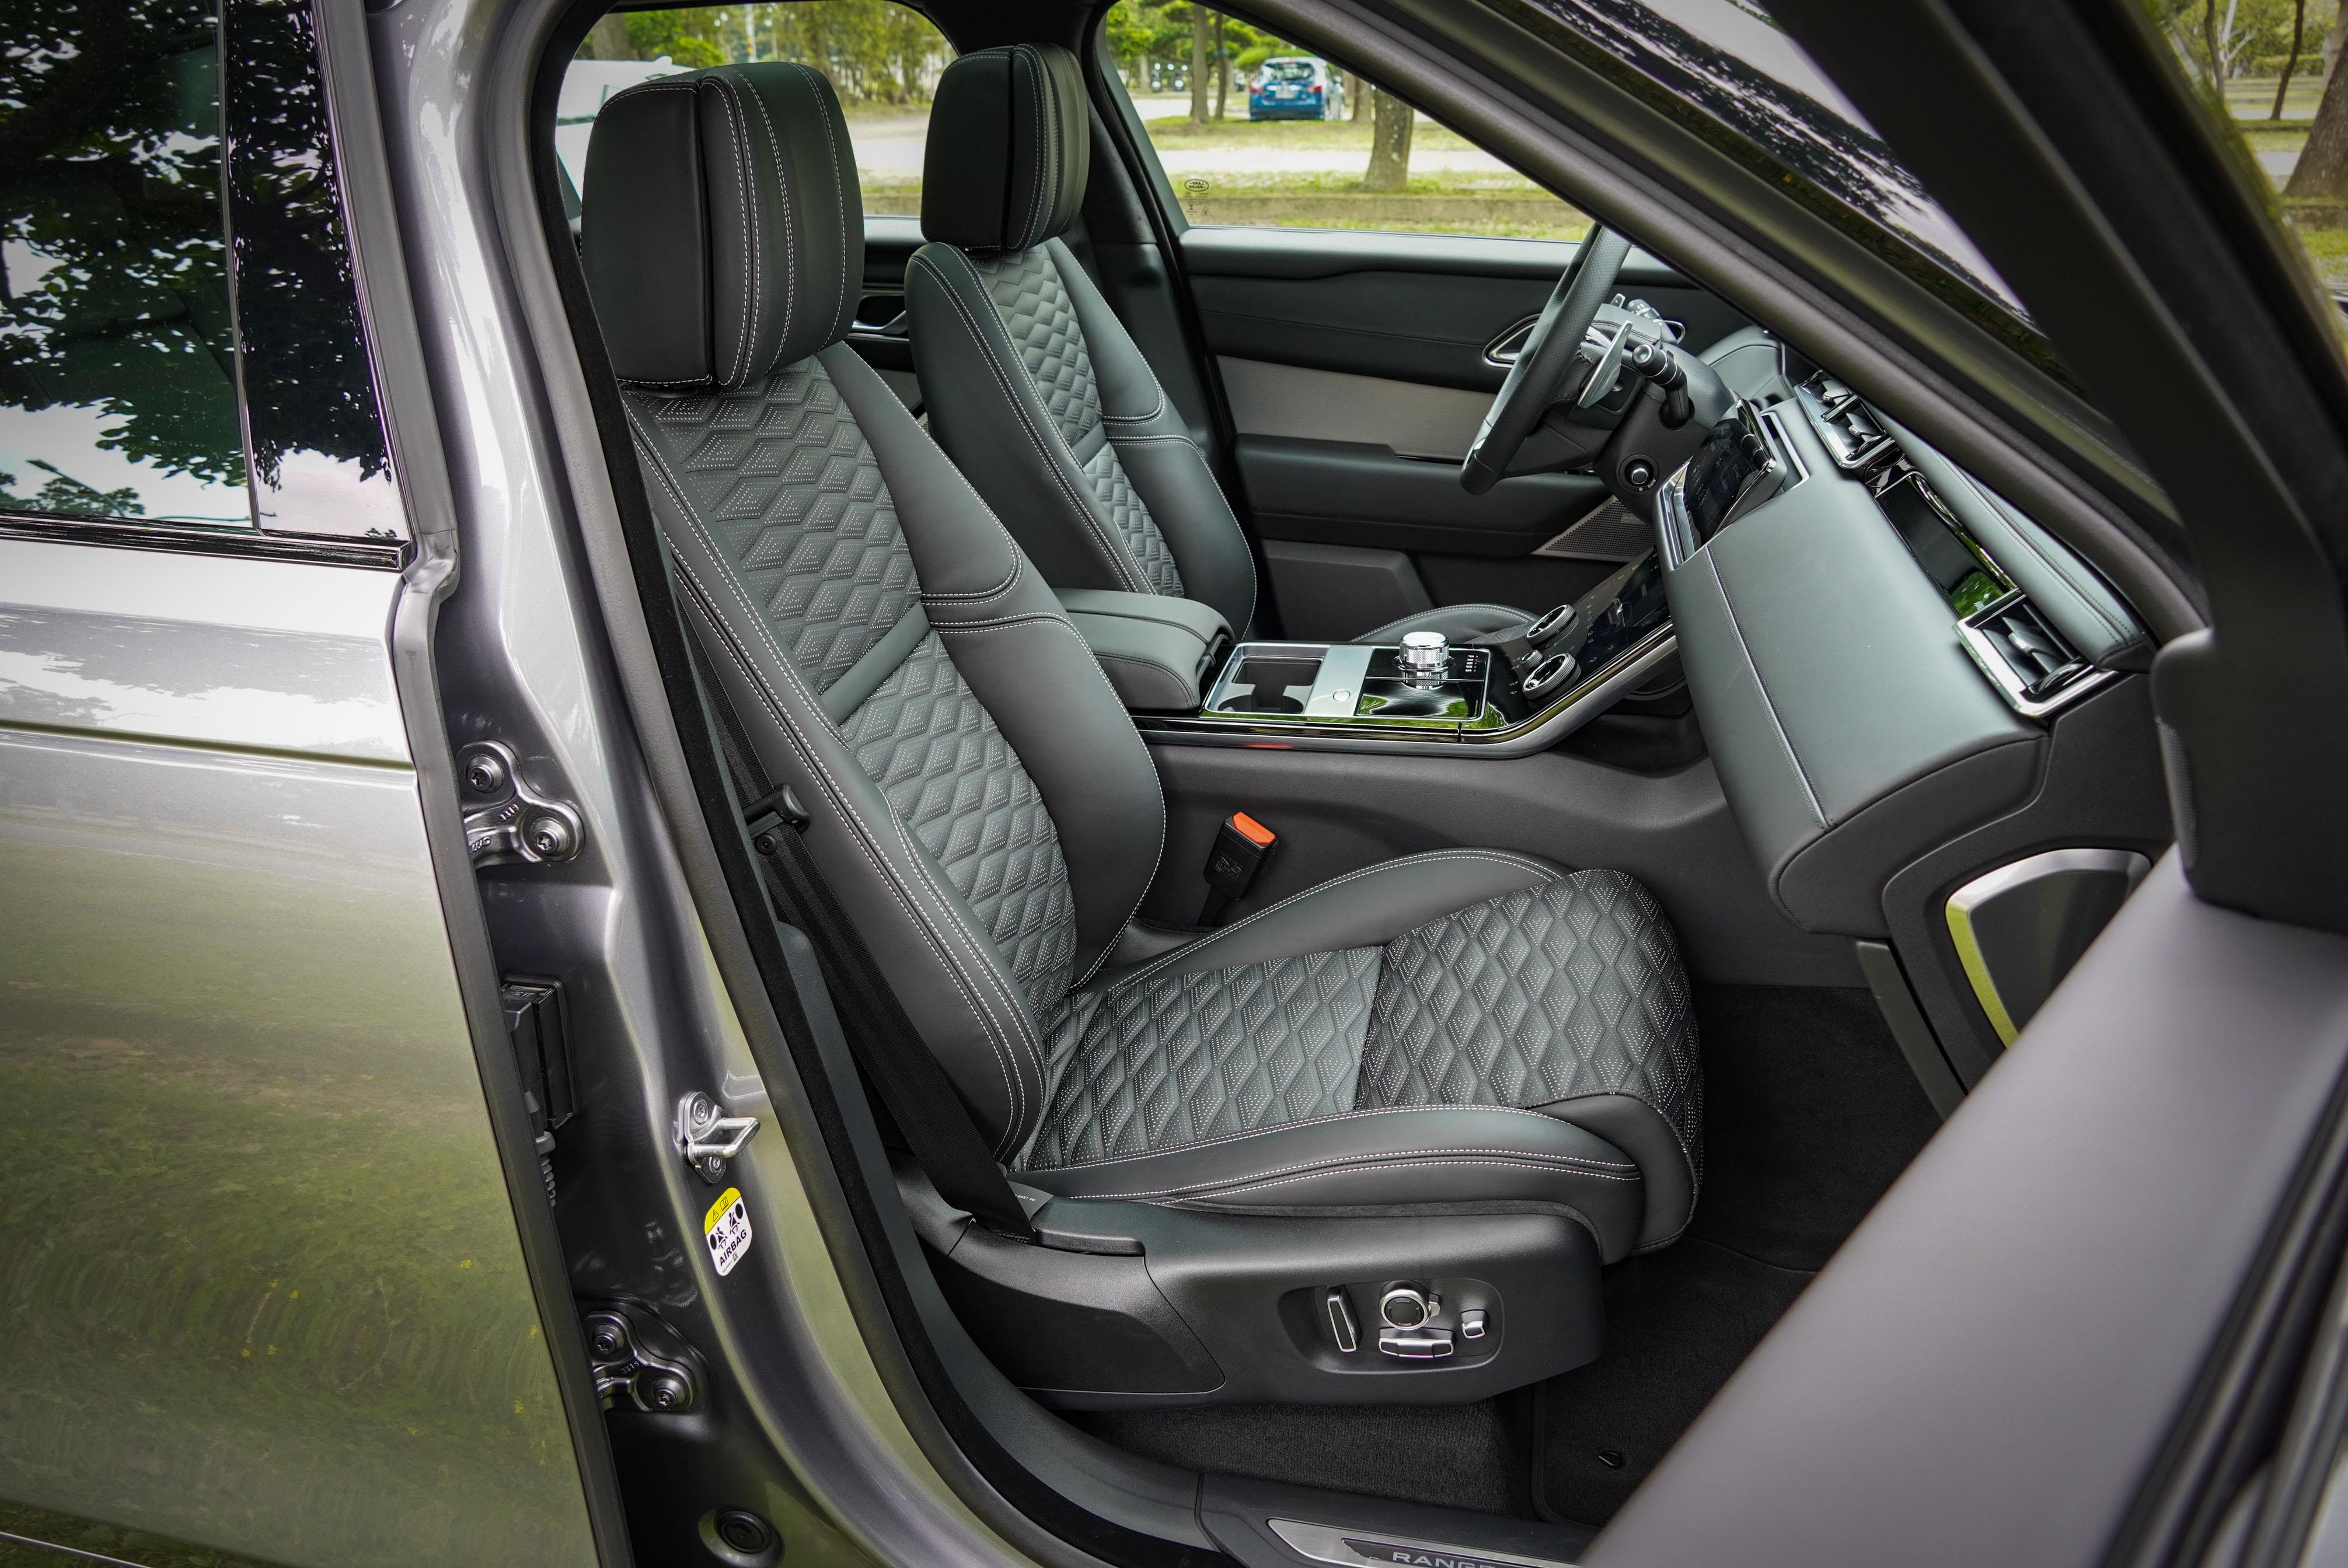 前座是具按摩功能的 20 向電動調整空調前座椅。